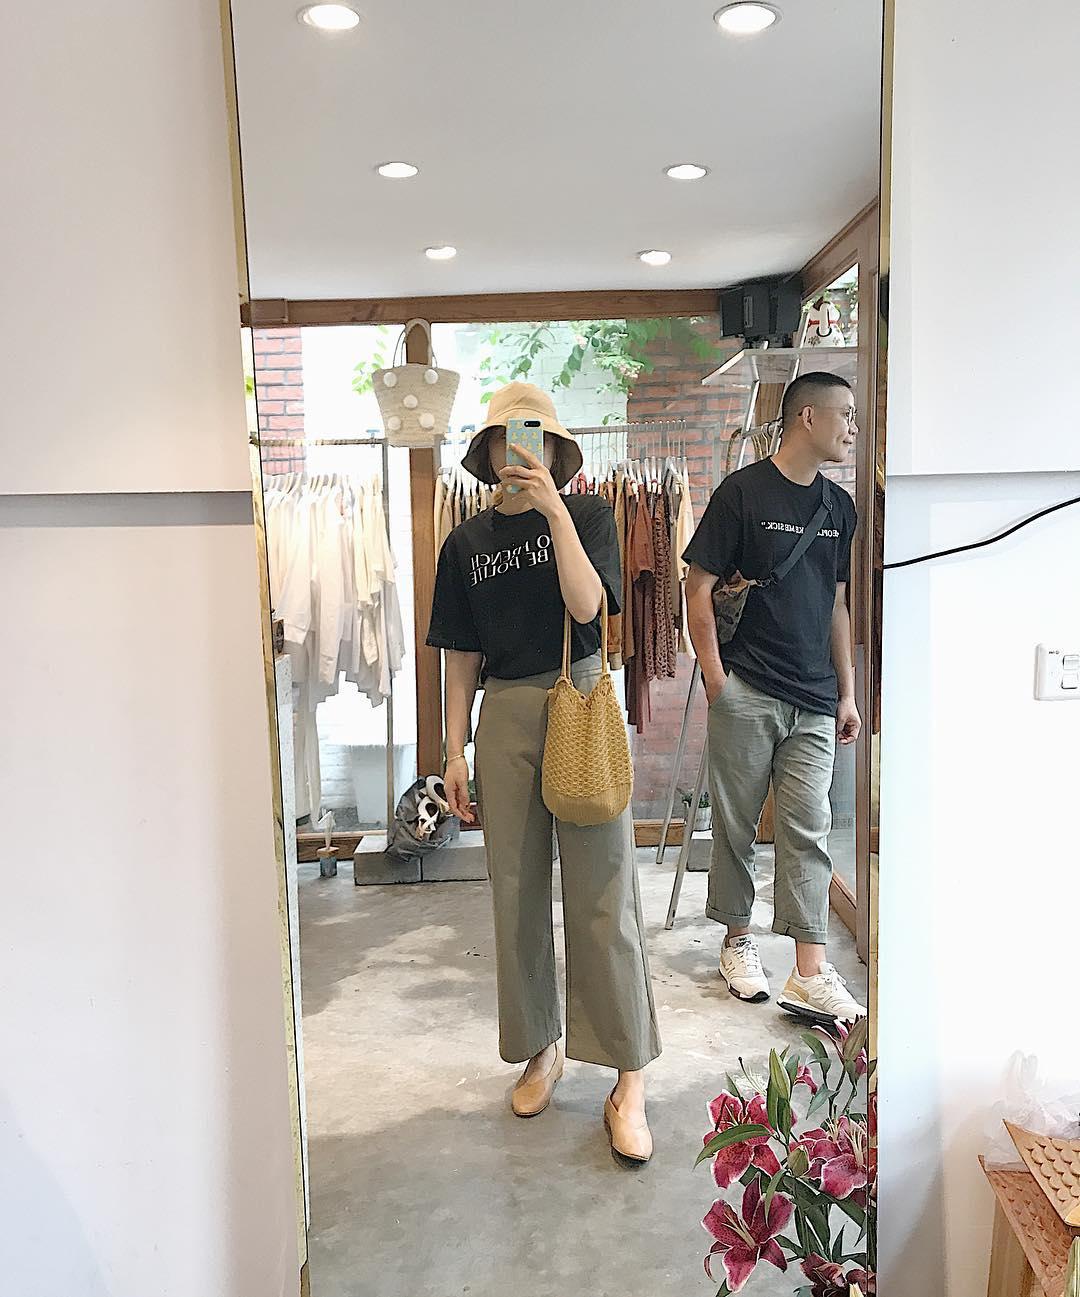 Ngạc nhiên chưa: Quần khaki ống rộng thời của bố mà Sơn Tùng từng mặc đang là hot trend của con gái khắp châu Á - Ảnh 10.